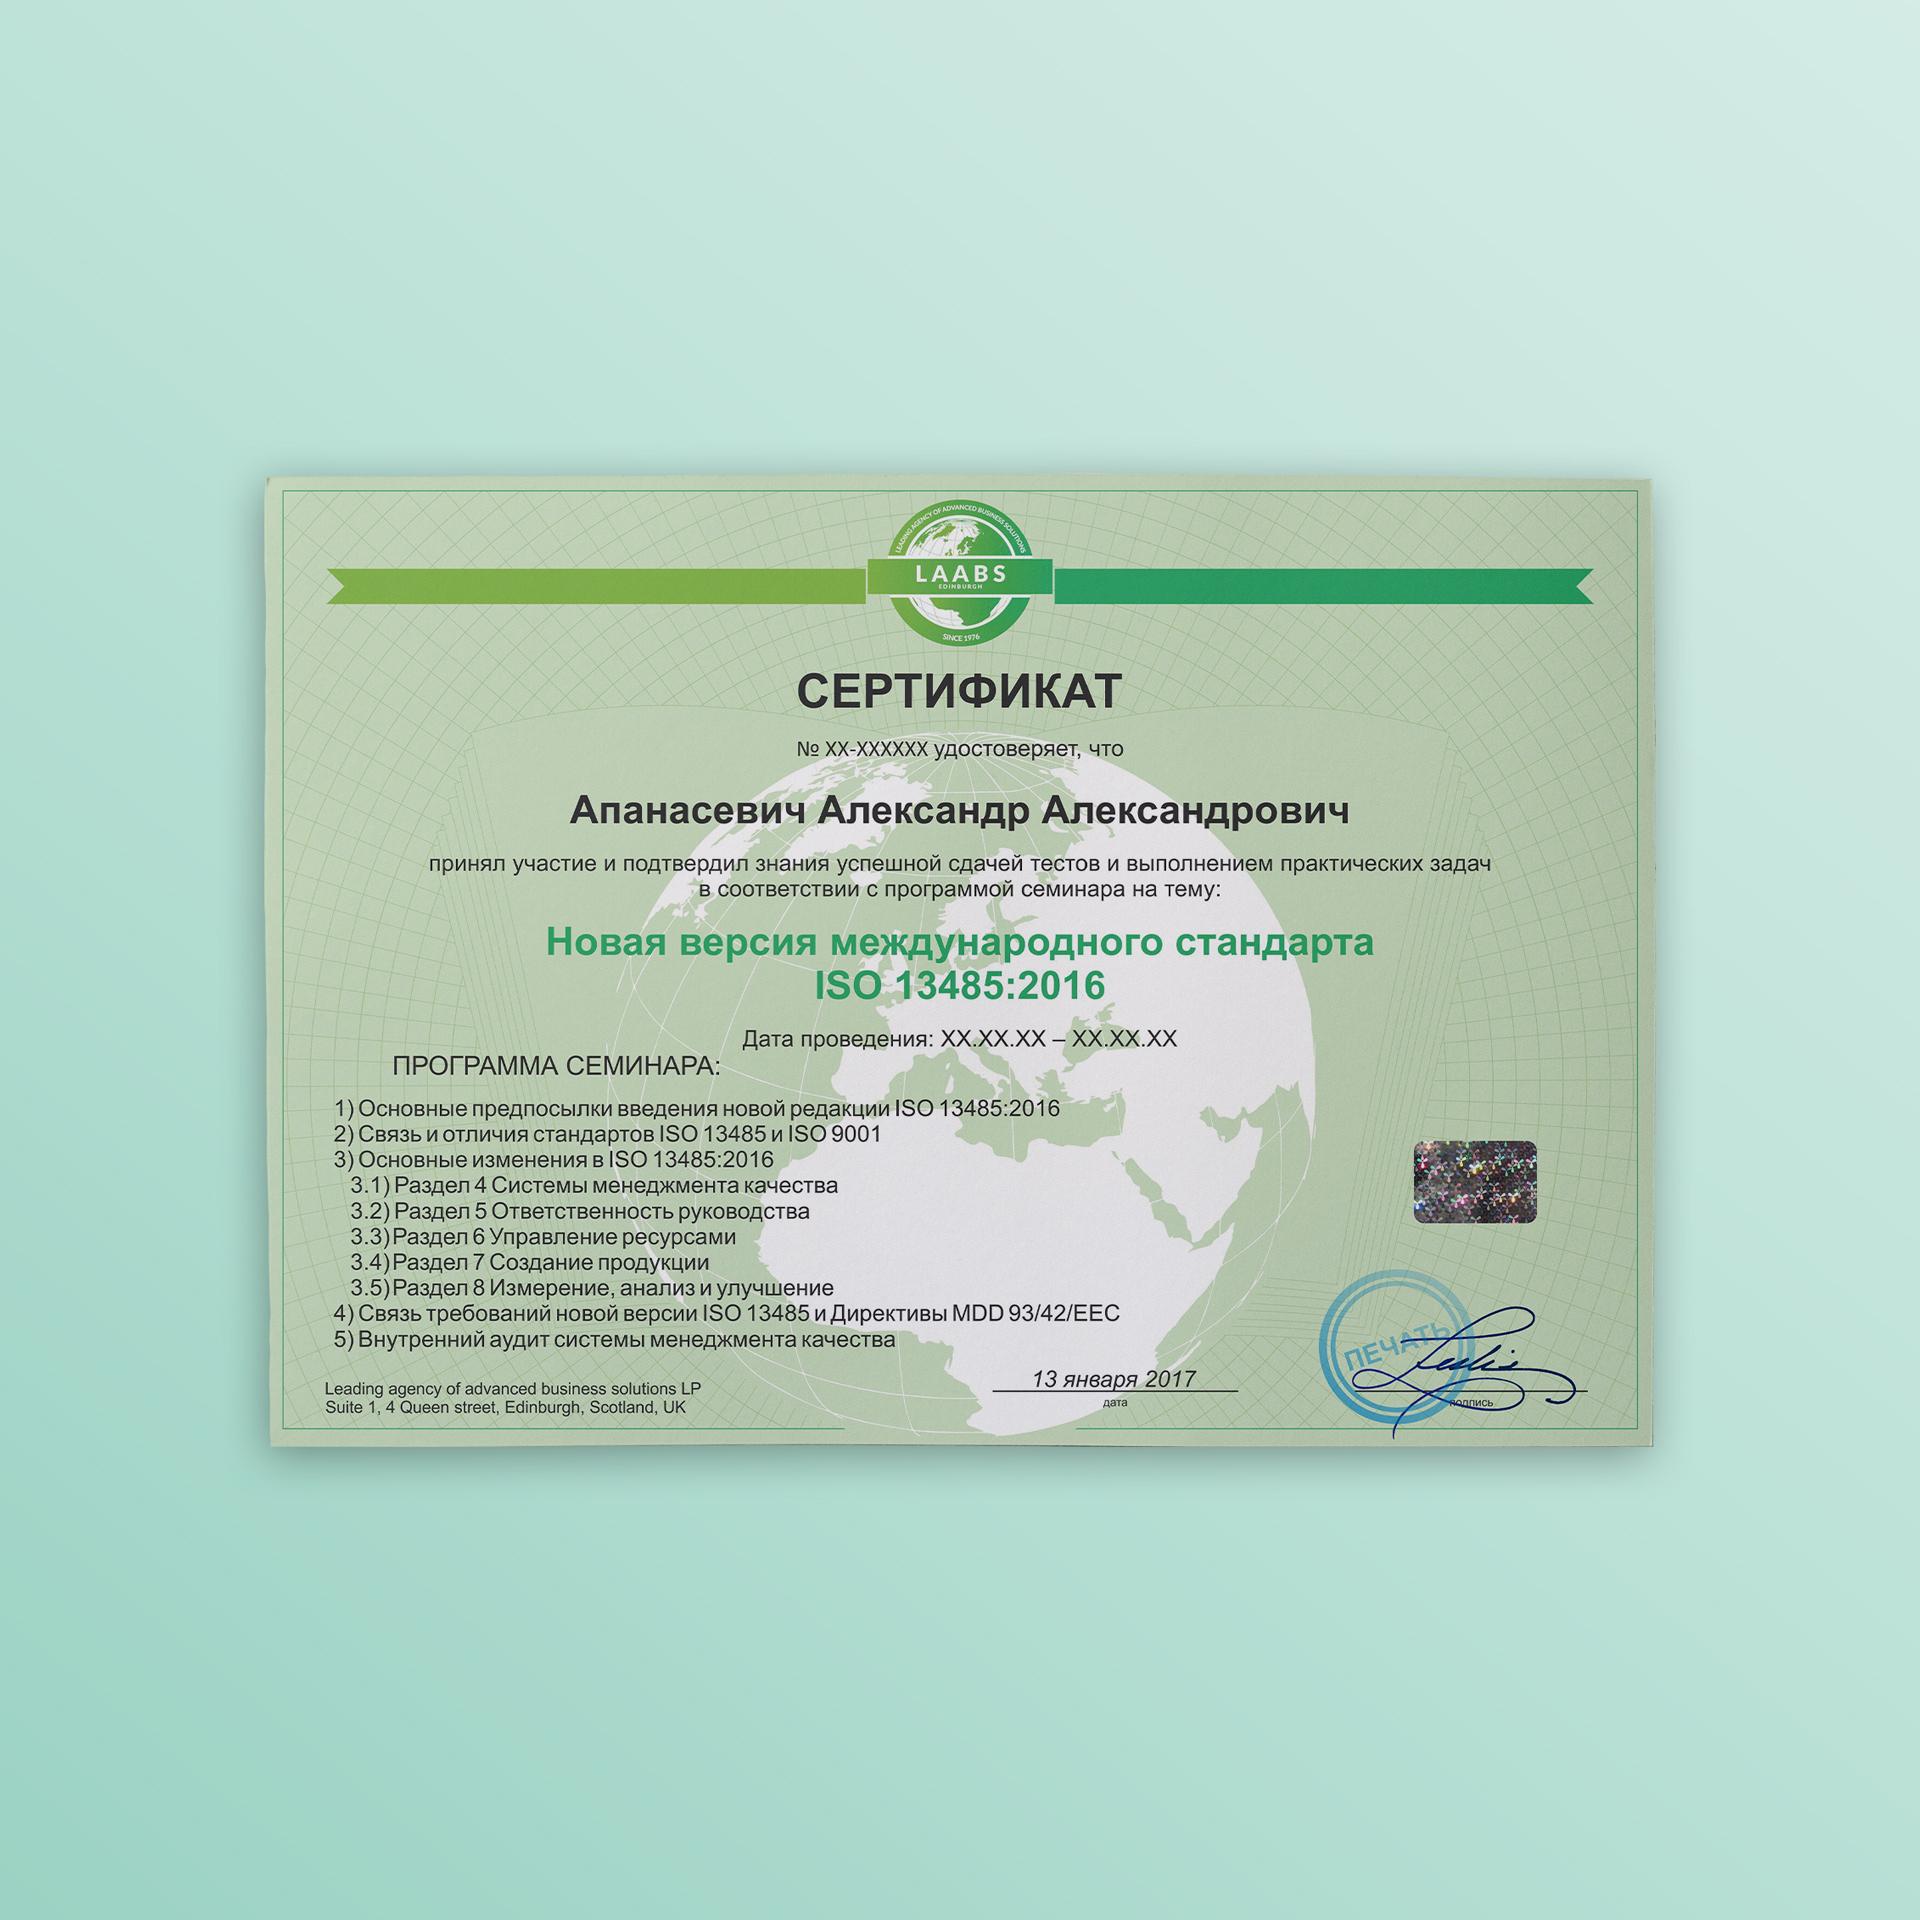 Необходимо разработать дизайн 3 сертификатов фото f_488587cb94462635.jpg